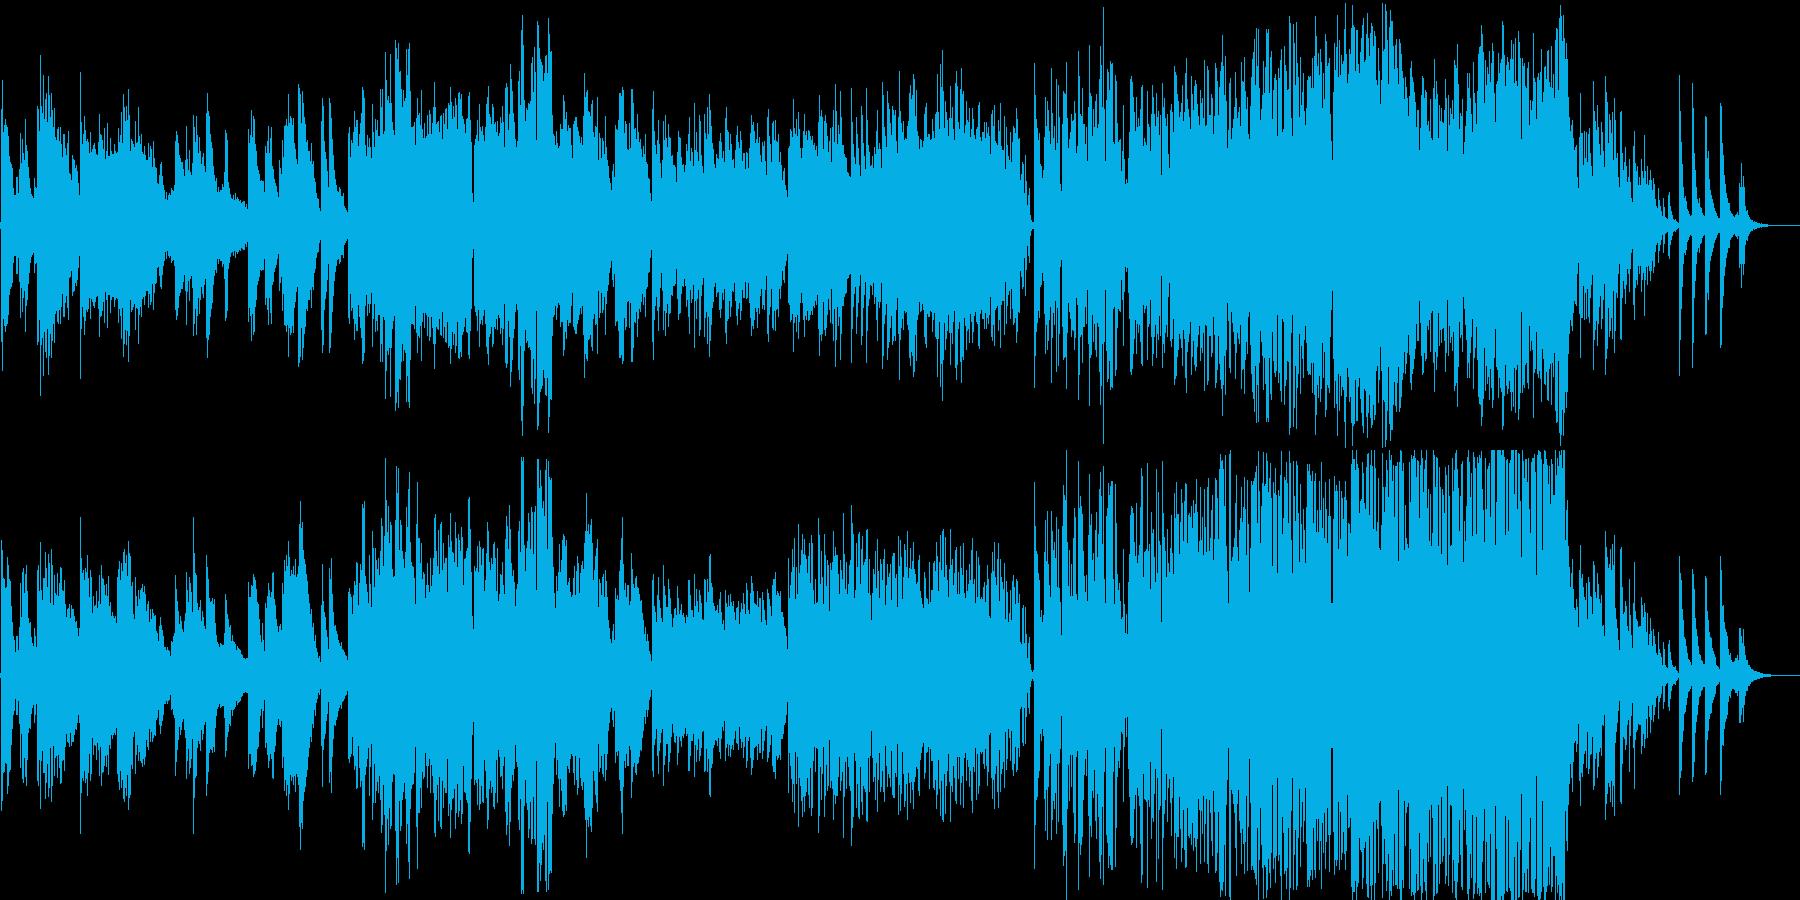 文部省唱歌ふるさとのオリジナルアレンジの再生済みの波形